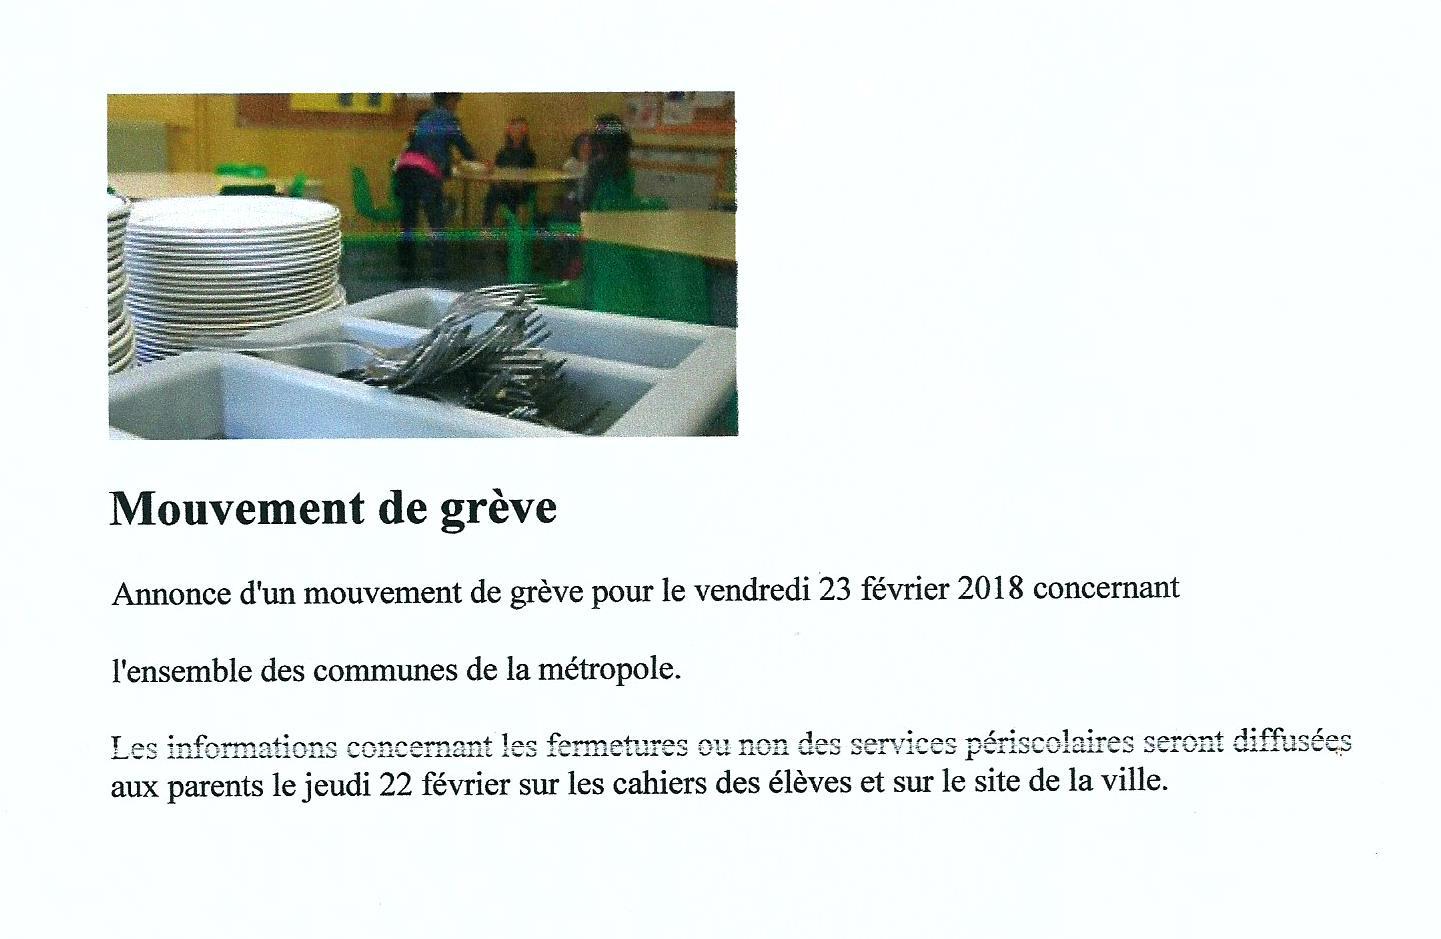 Scan Communiqué de Presse FLA Grève 2018 (23.02.2018).jpg